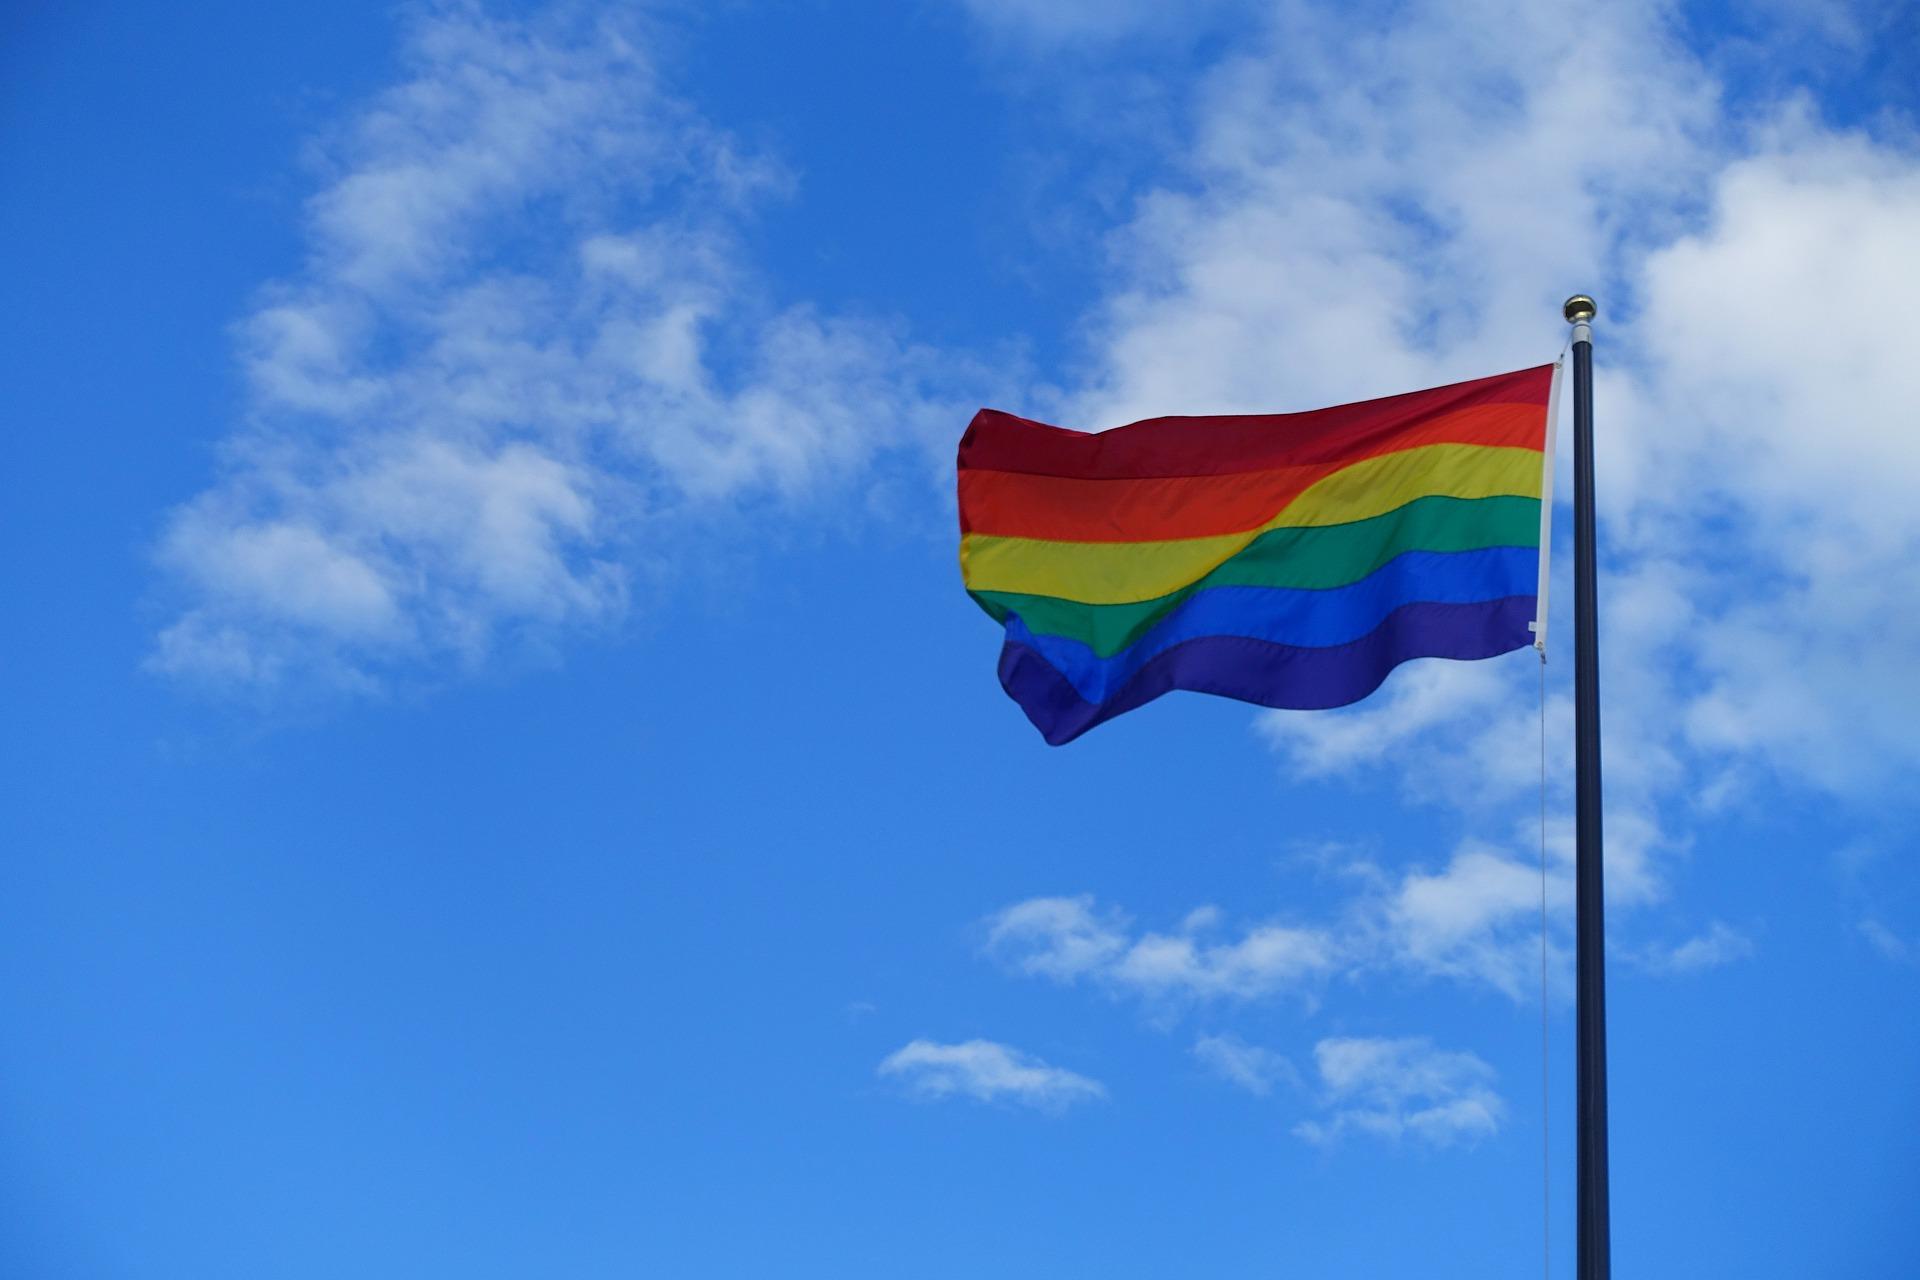 Image of rainbow flag